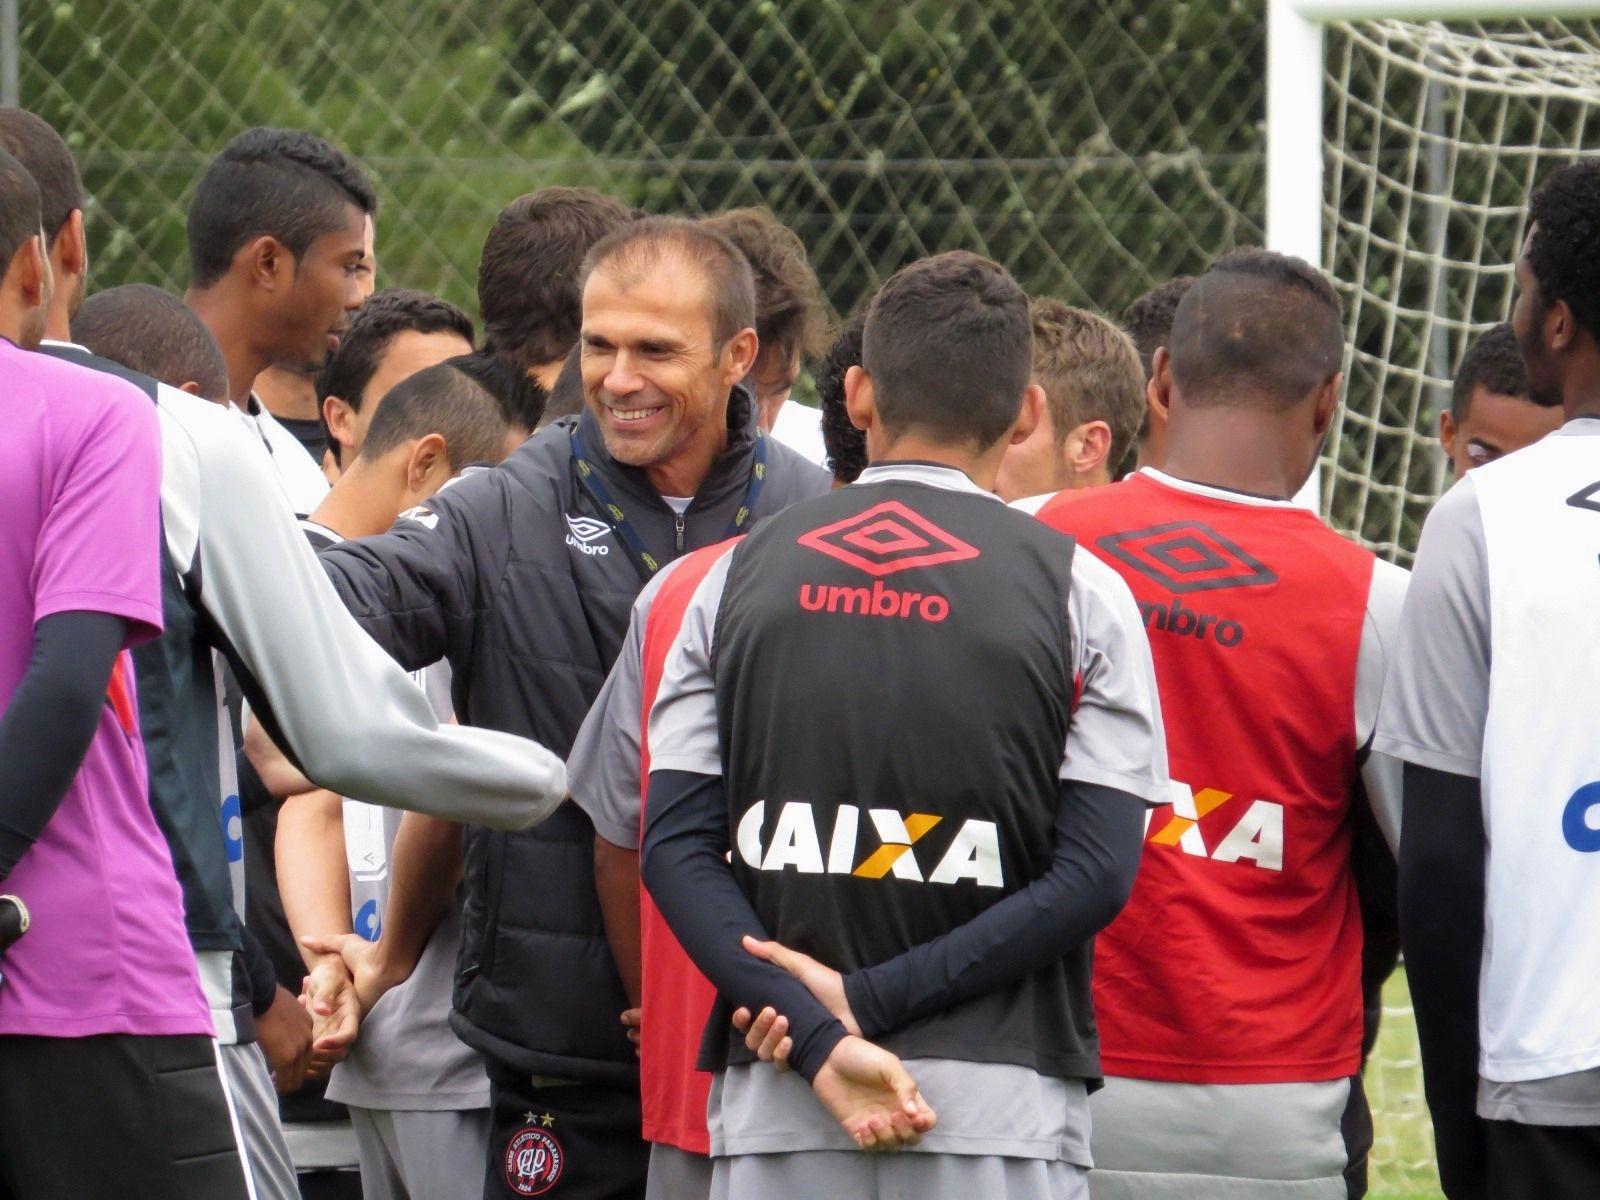 Milton Mendes protege o time com elogios e forma família no Atlético-PR #globoesporte